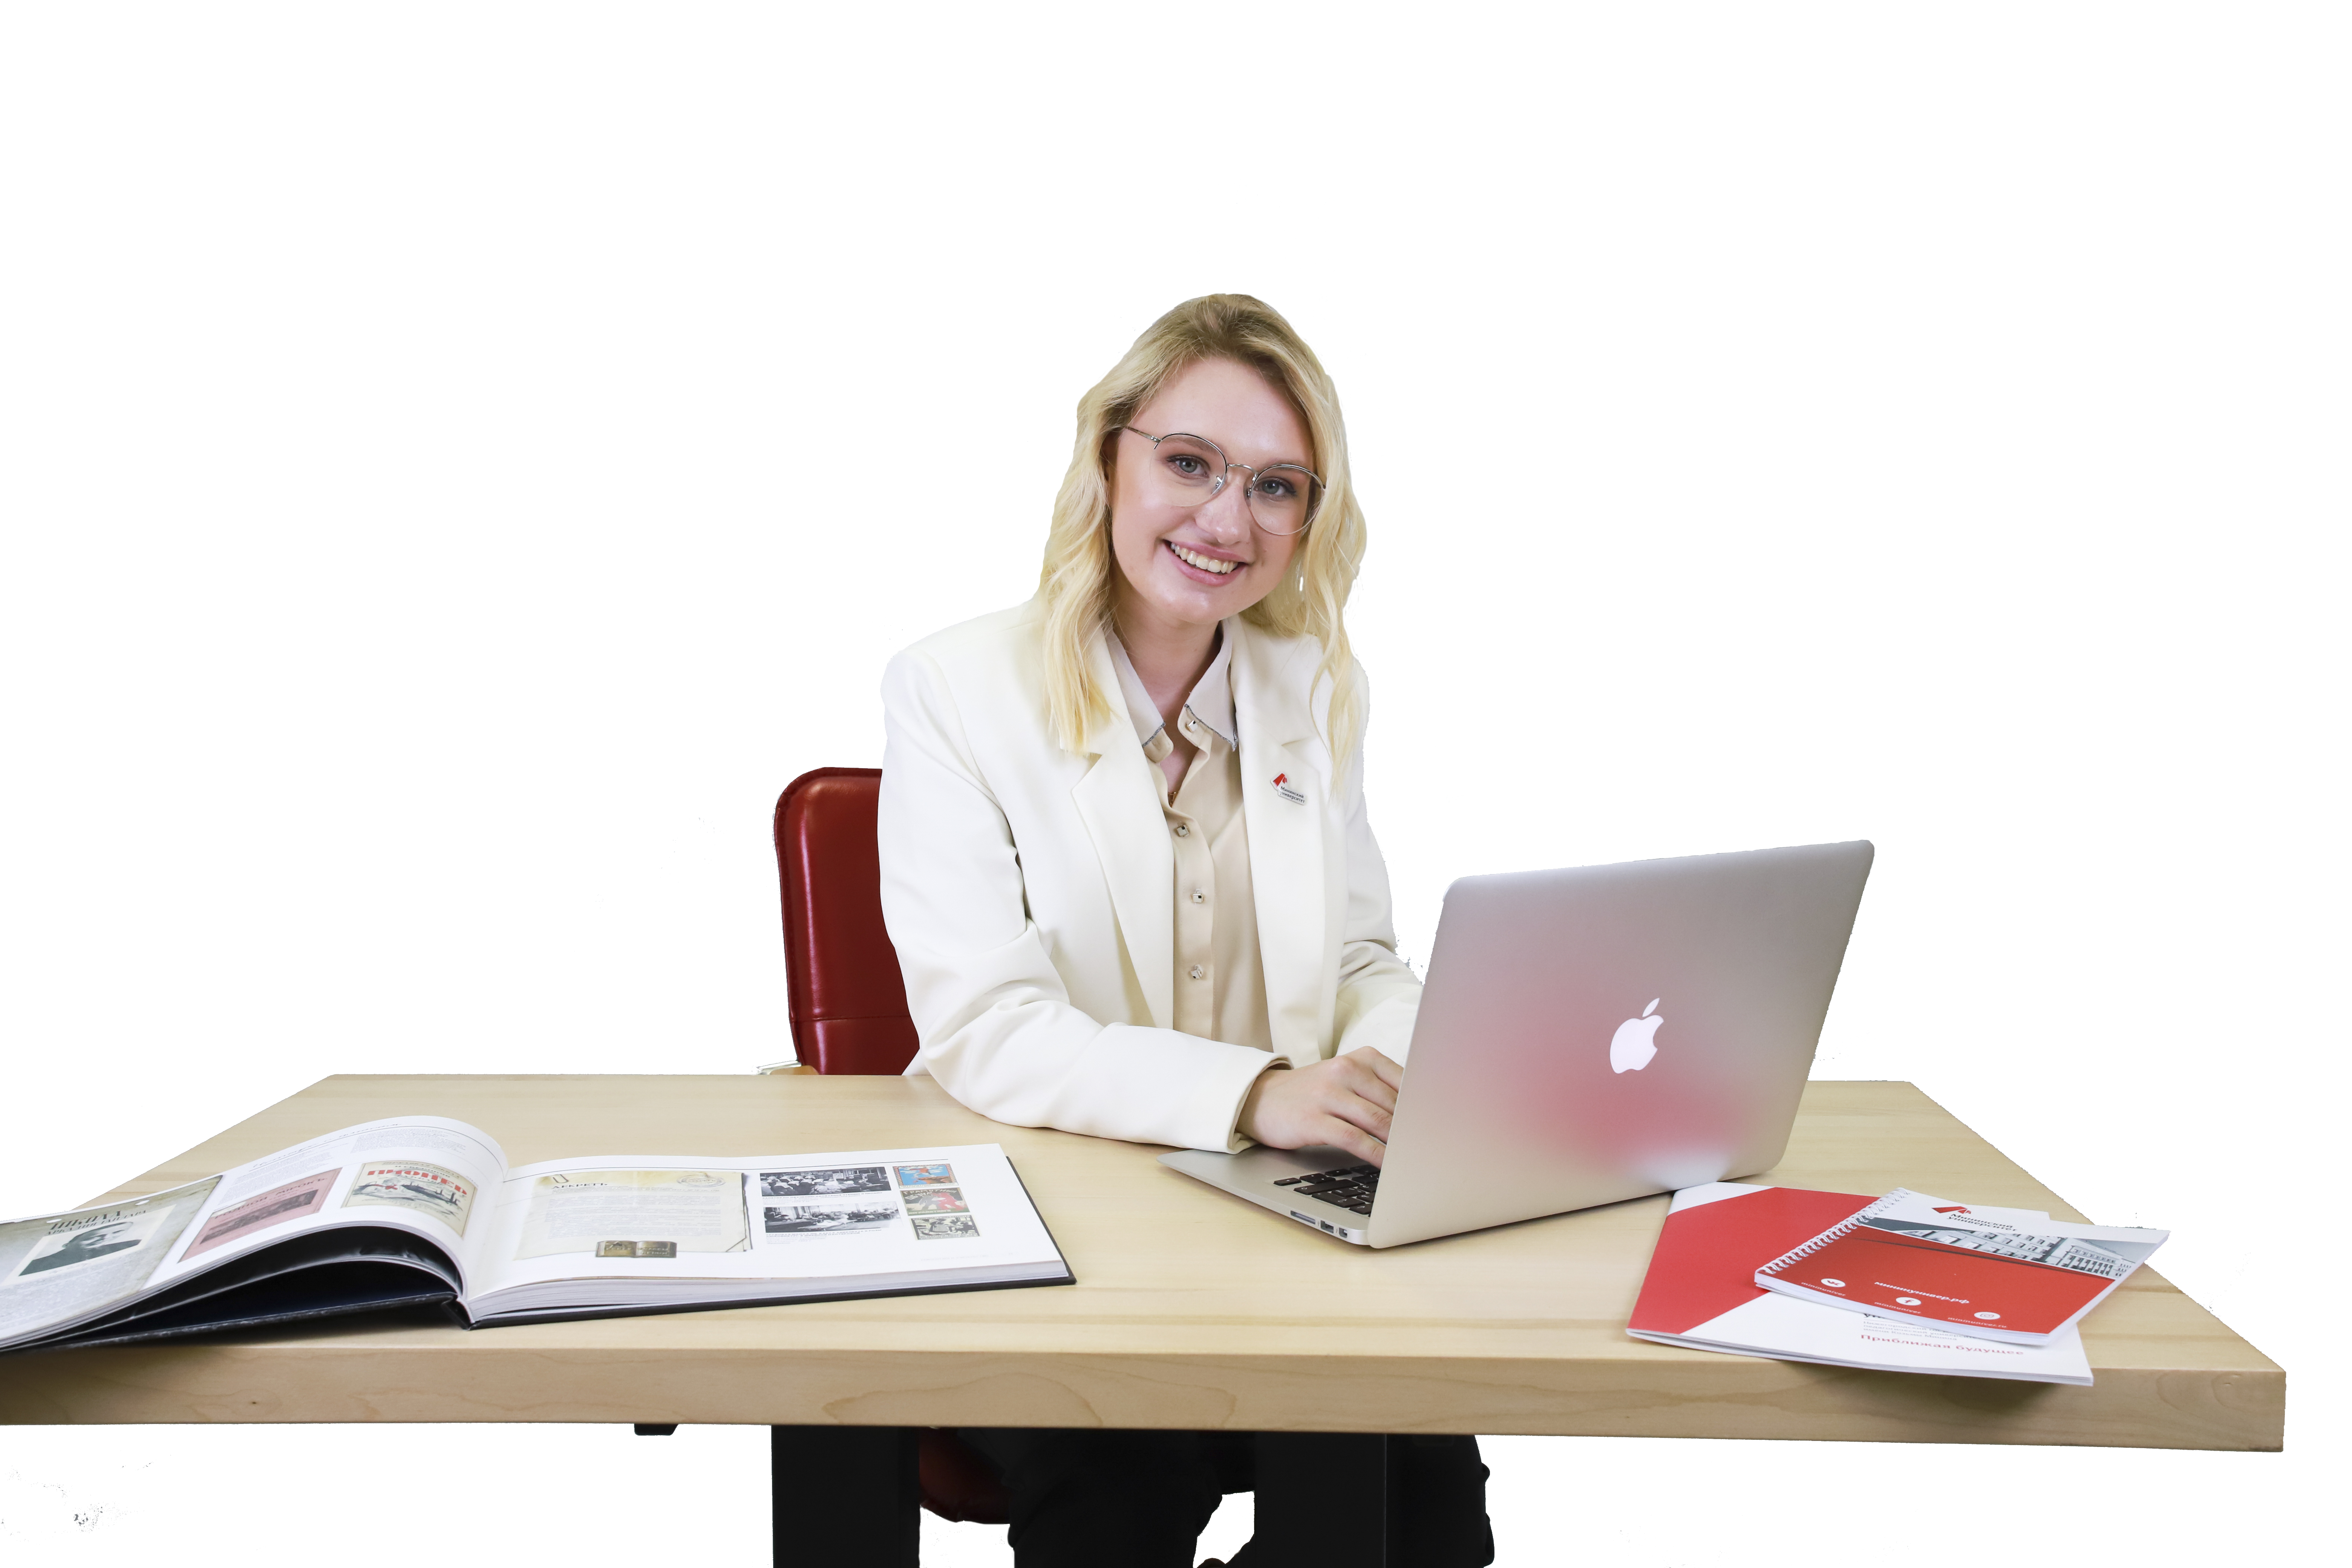 Центр Международного Образования и Сотрудничества продолжает набор на программу профессиональной переподготовки «Учитель английского языка»